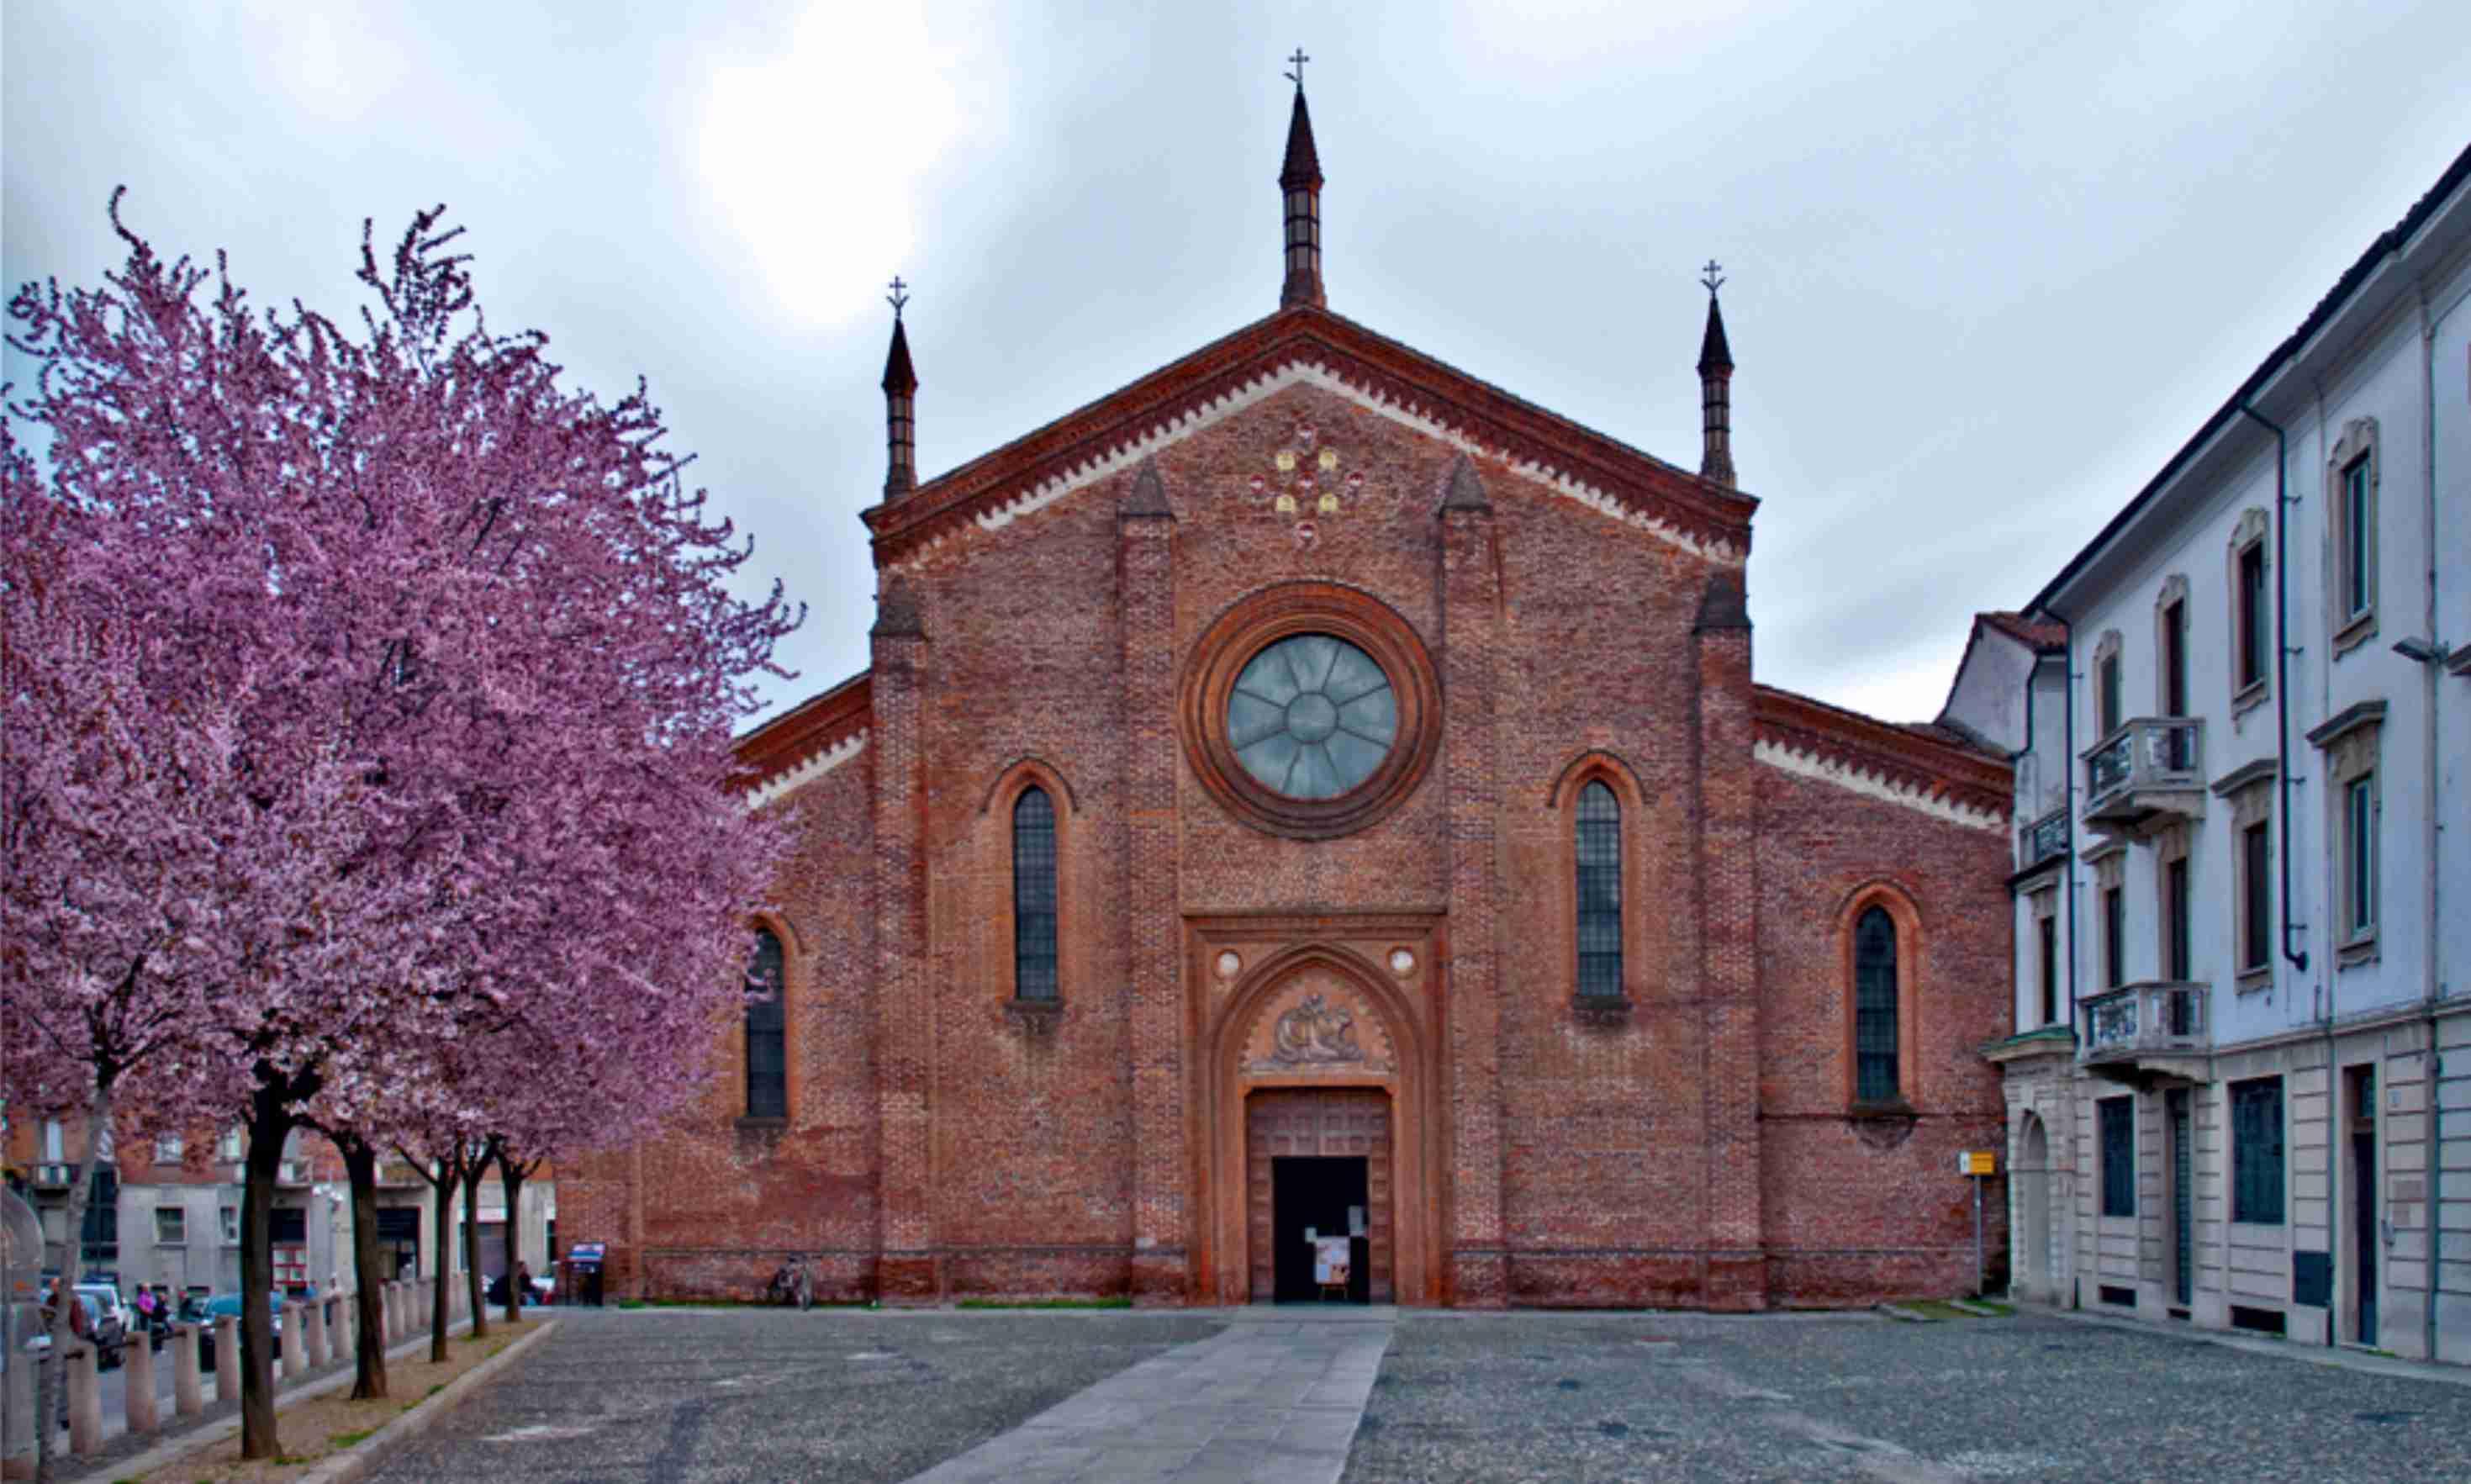 Chiesa di S Pietro Martire Vigevano detta anche Chiesa del Beato Matteo